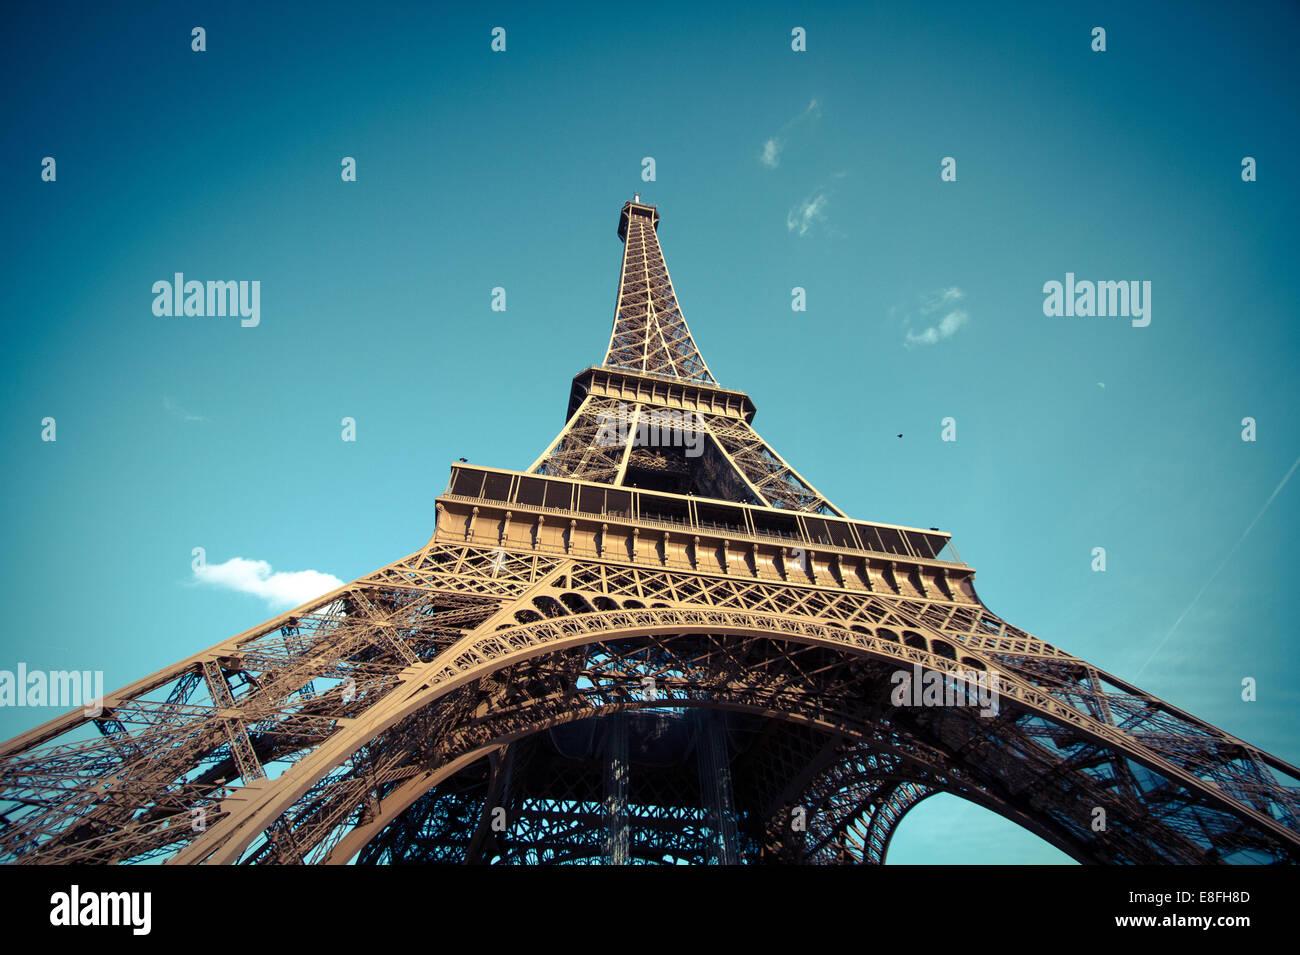 A basso angolo di vista della Torre Eiffel, Parigi, Francia Immagini Stock